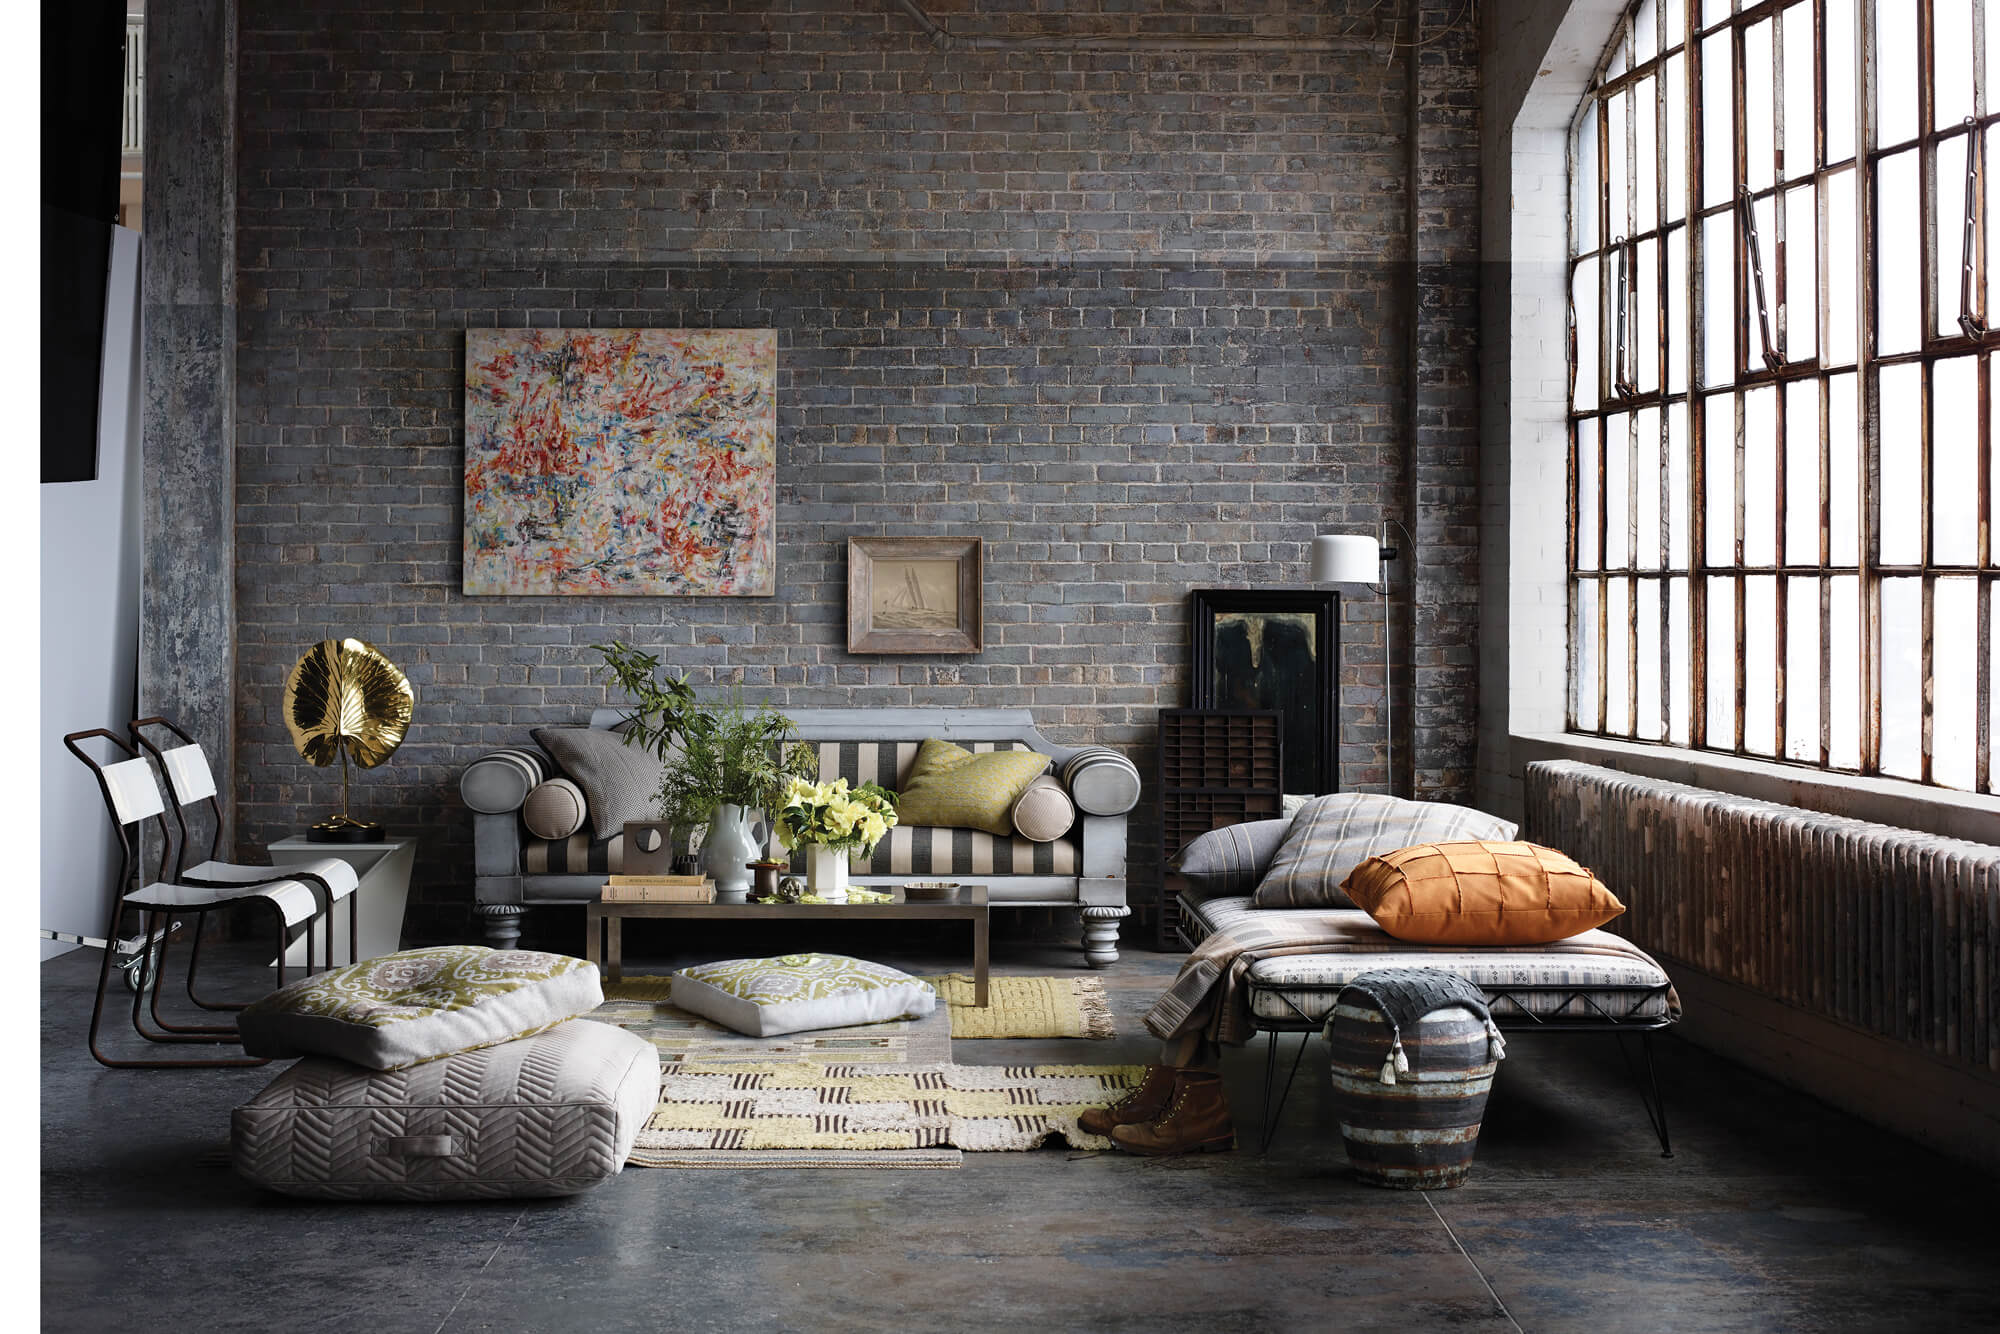 Un soggiorno ha al suo centro un divano a strisce bianche e nere con diversi accessori intorno alla stanza